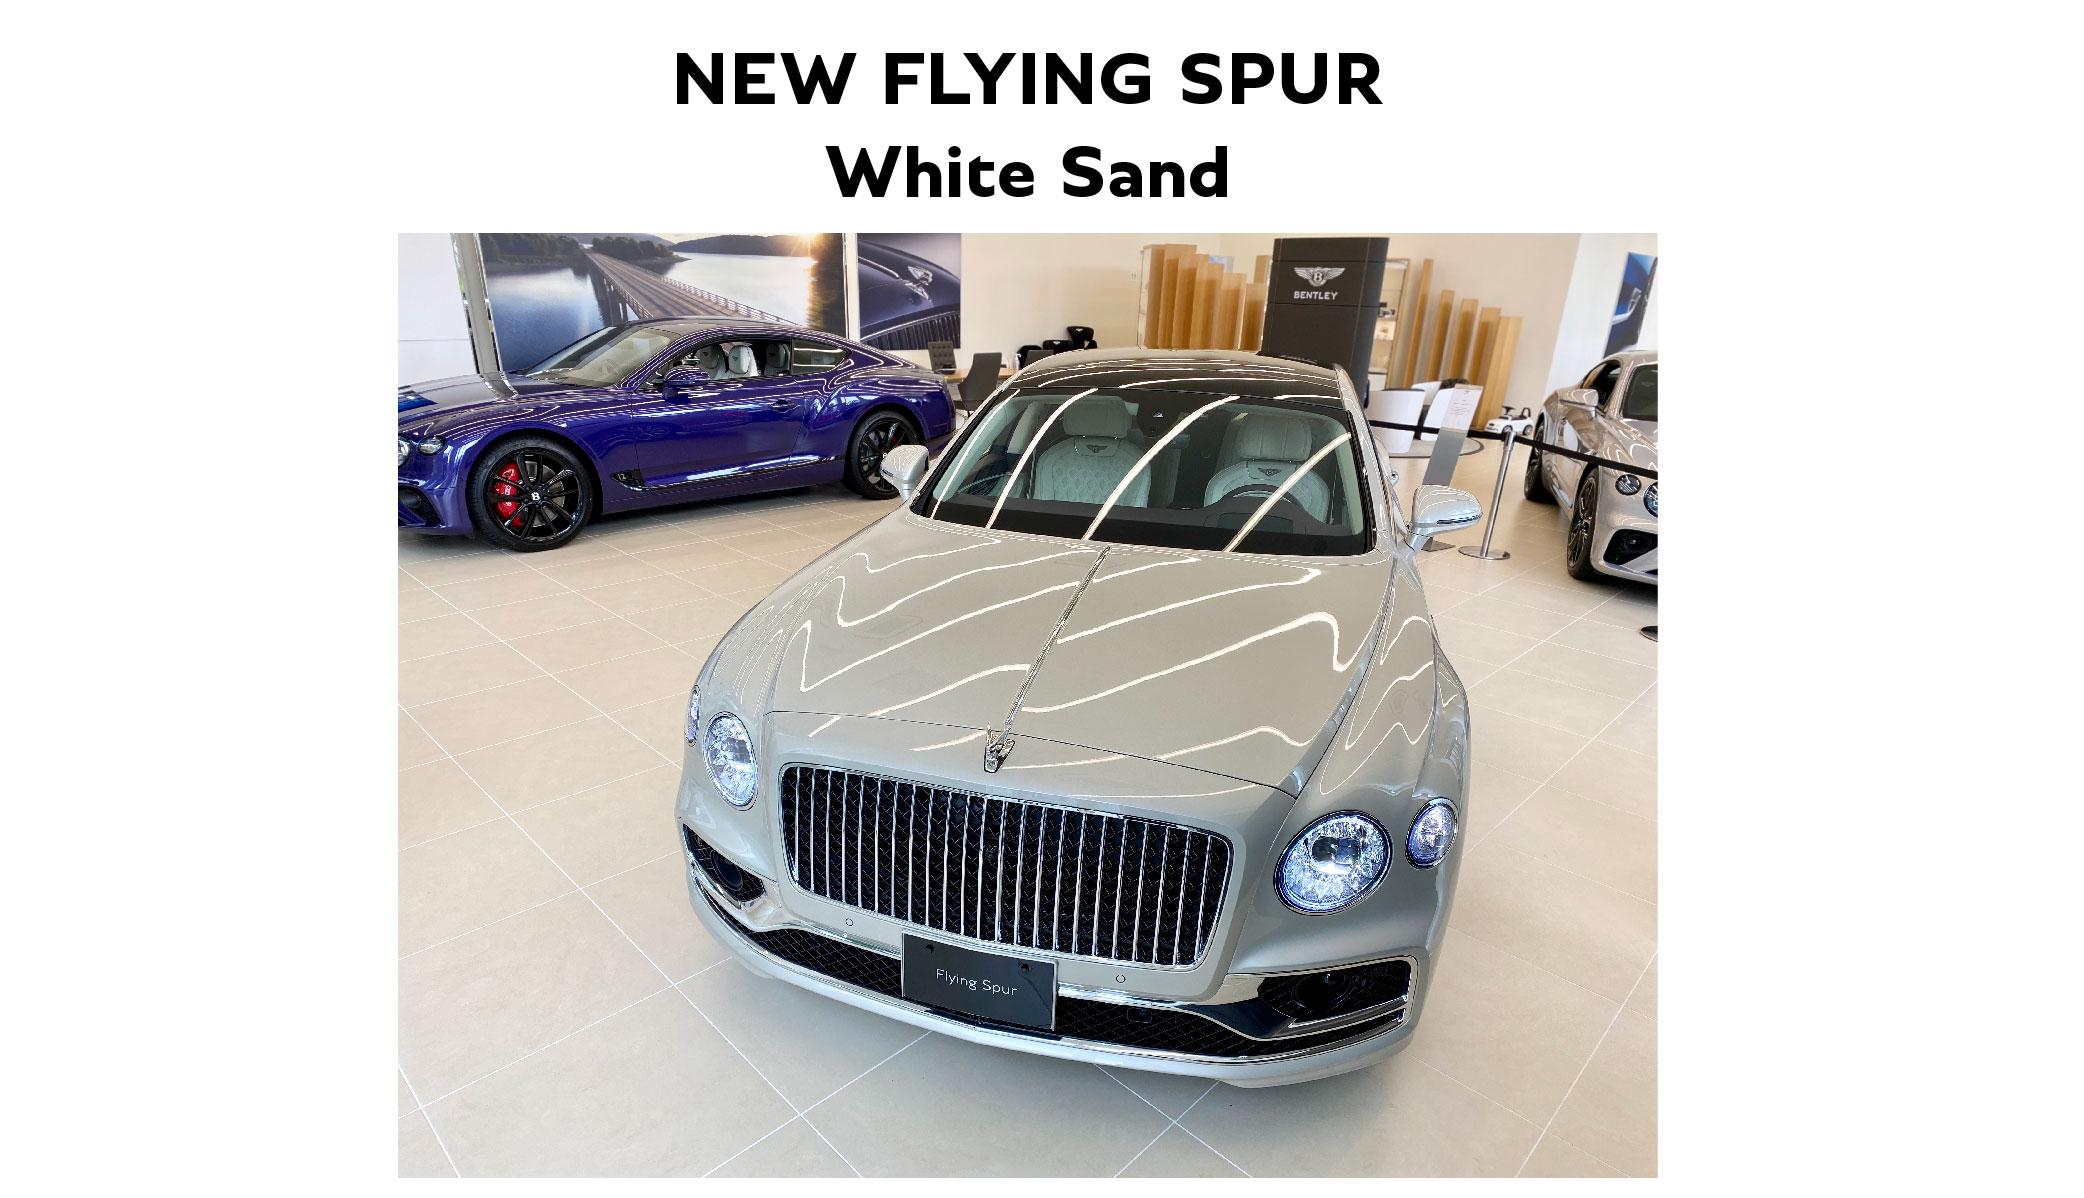 【新車情報】NEW FLYING SPUR White Sand